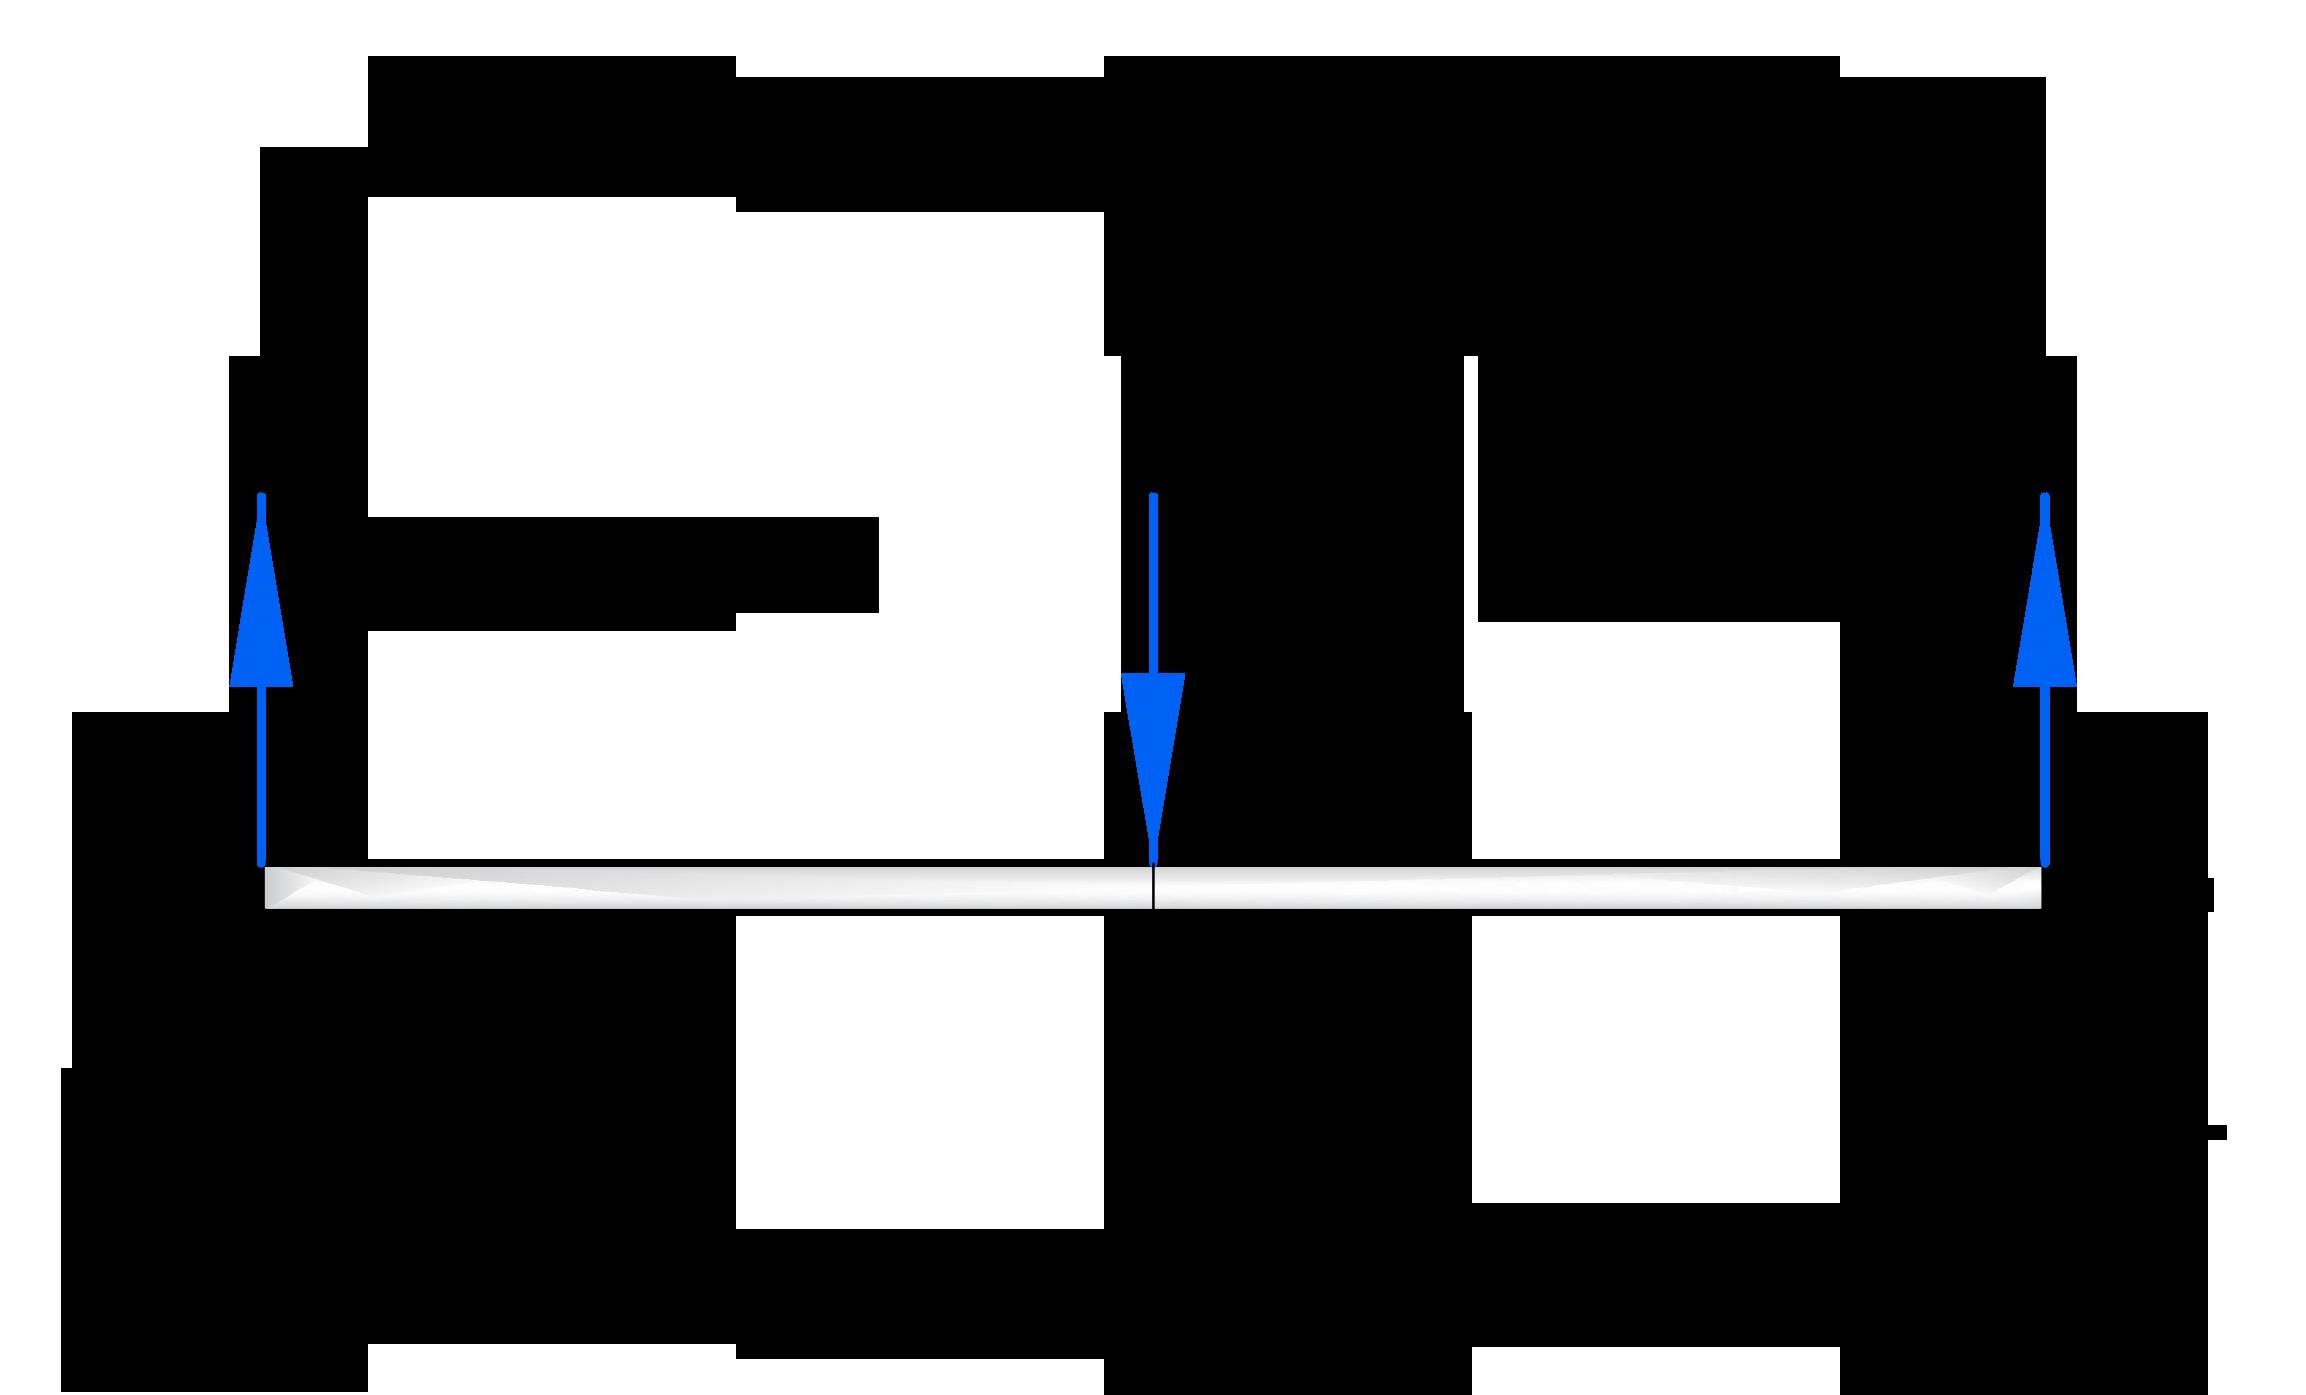 Разбивка балки на участки при построение эпюр